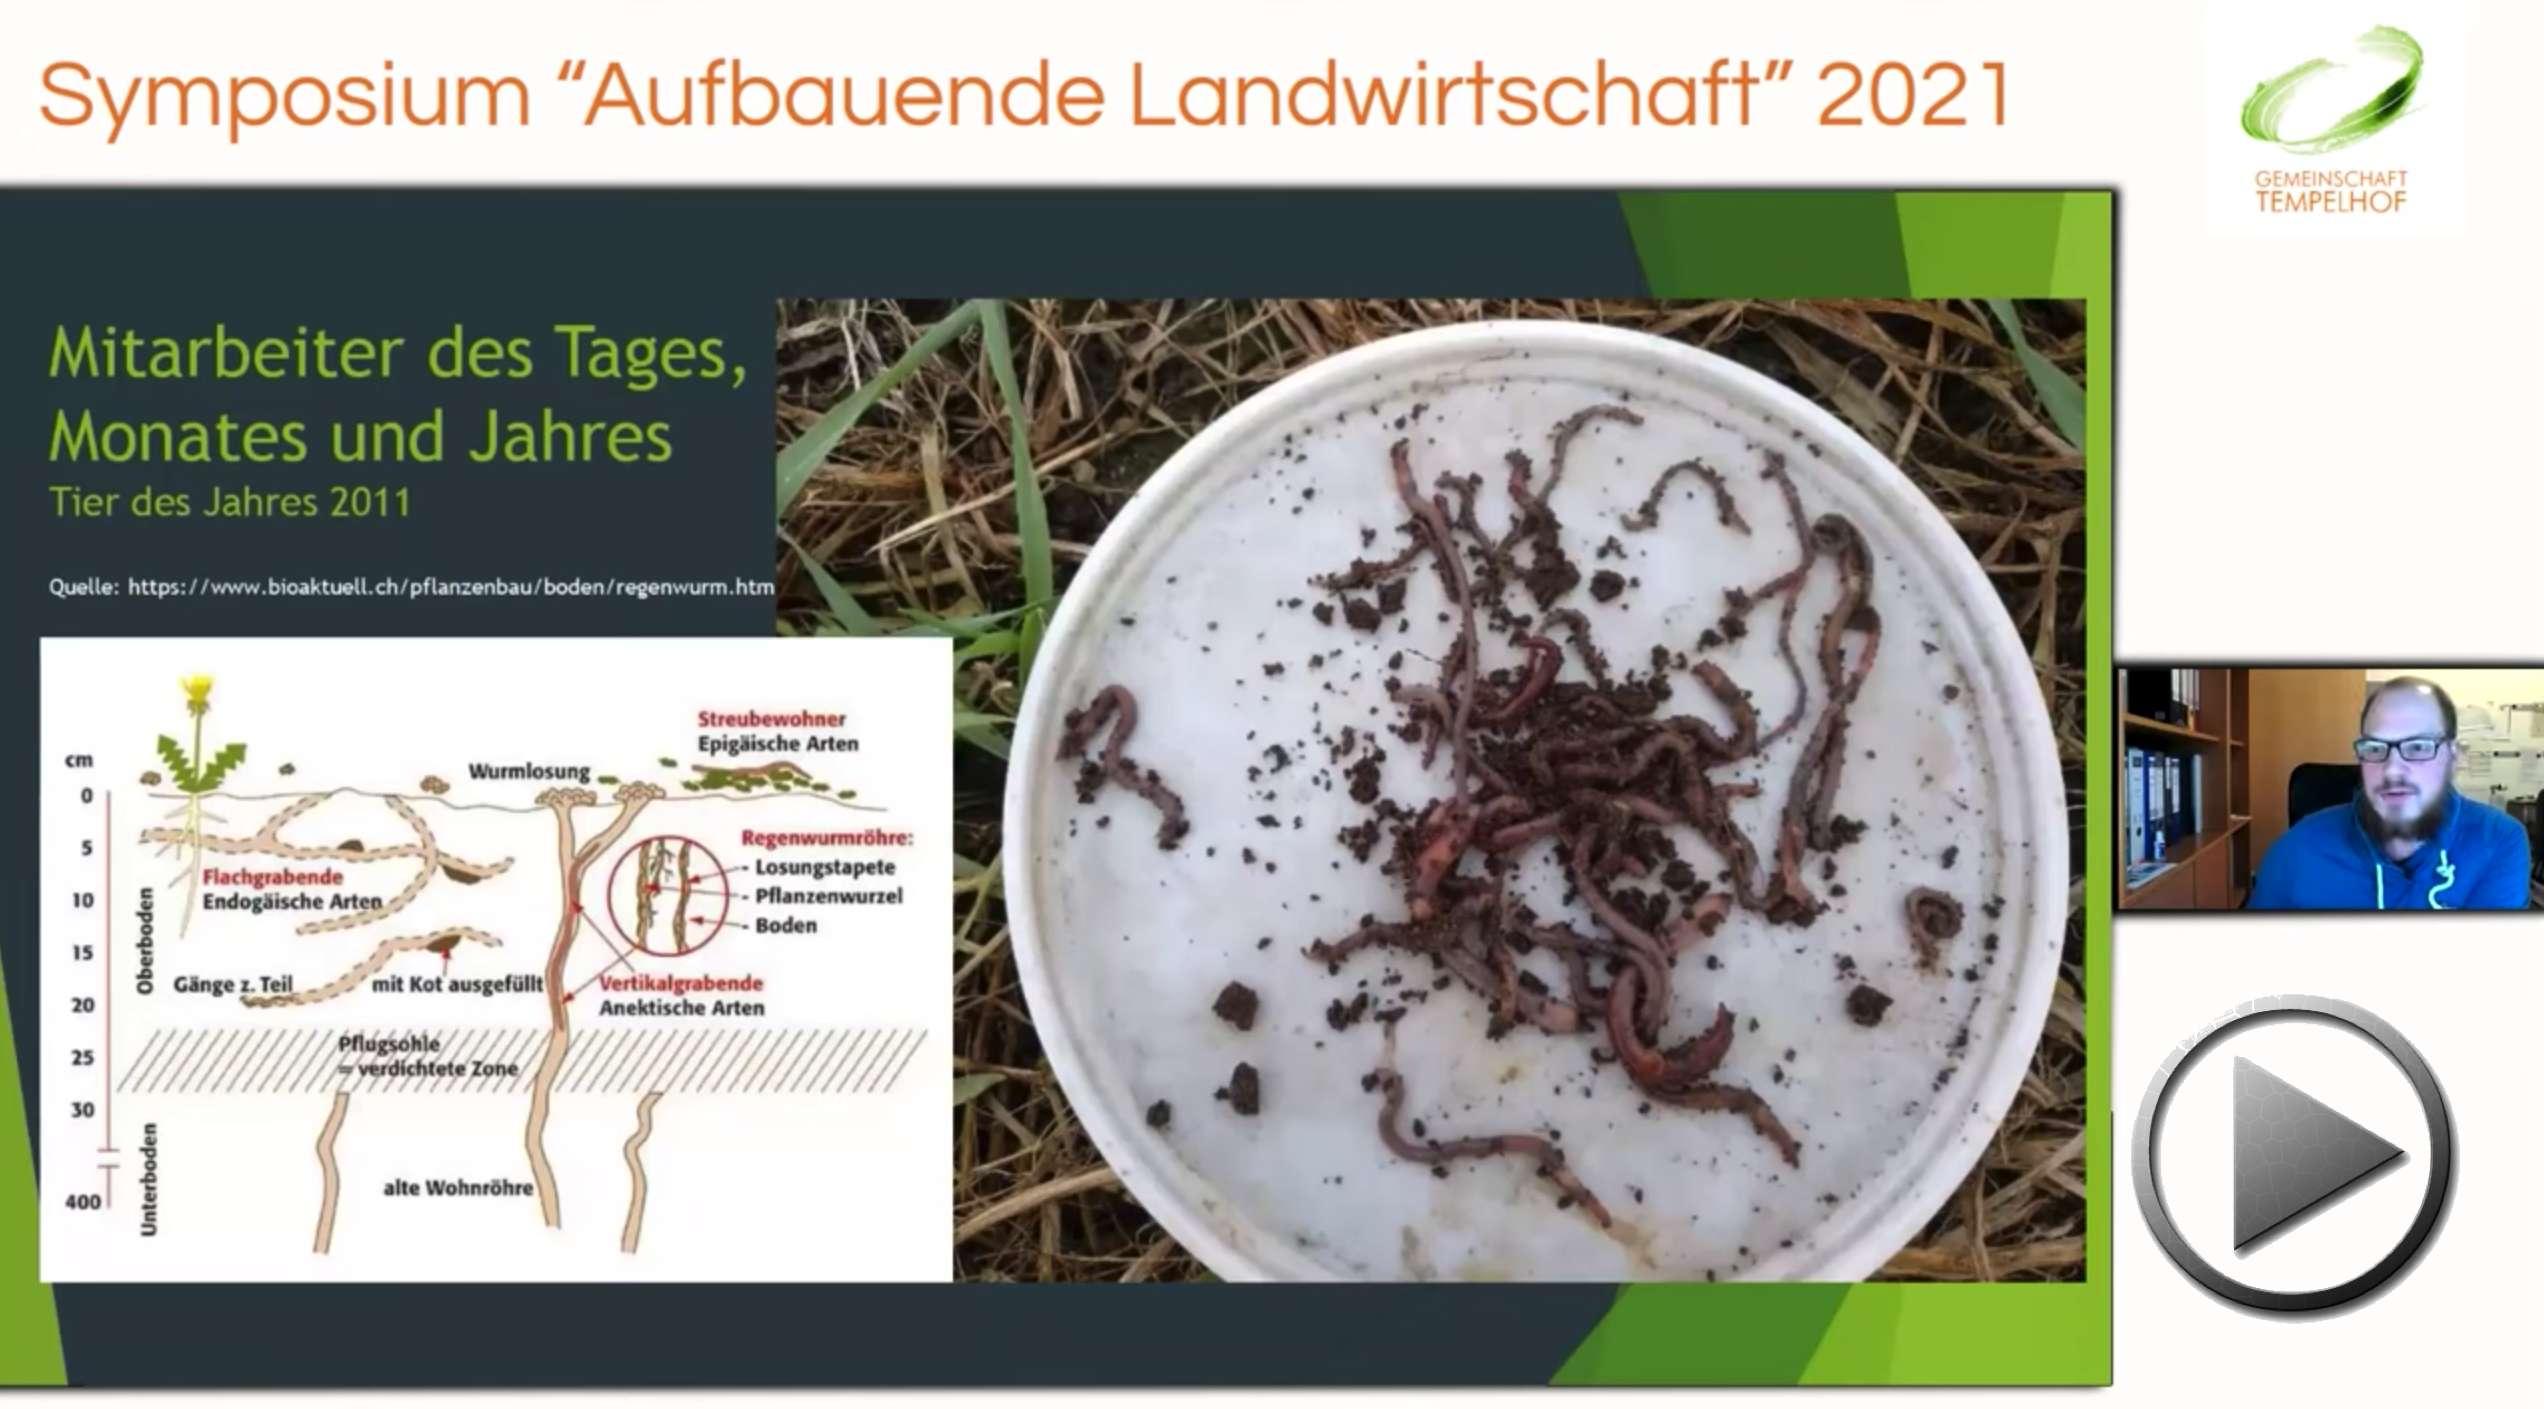 """Präsentation: Florian Röttger // Mit der Umstellung auf Direktsaat Erträge sichern und Biologie fördern // Symposium """"Aufbauende Landwirtschaft"""" 2021"""